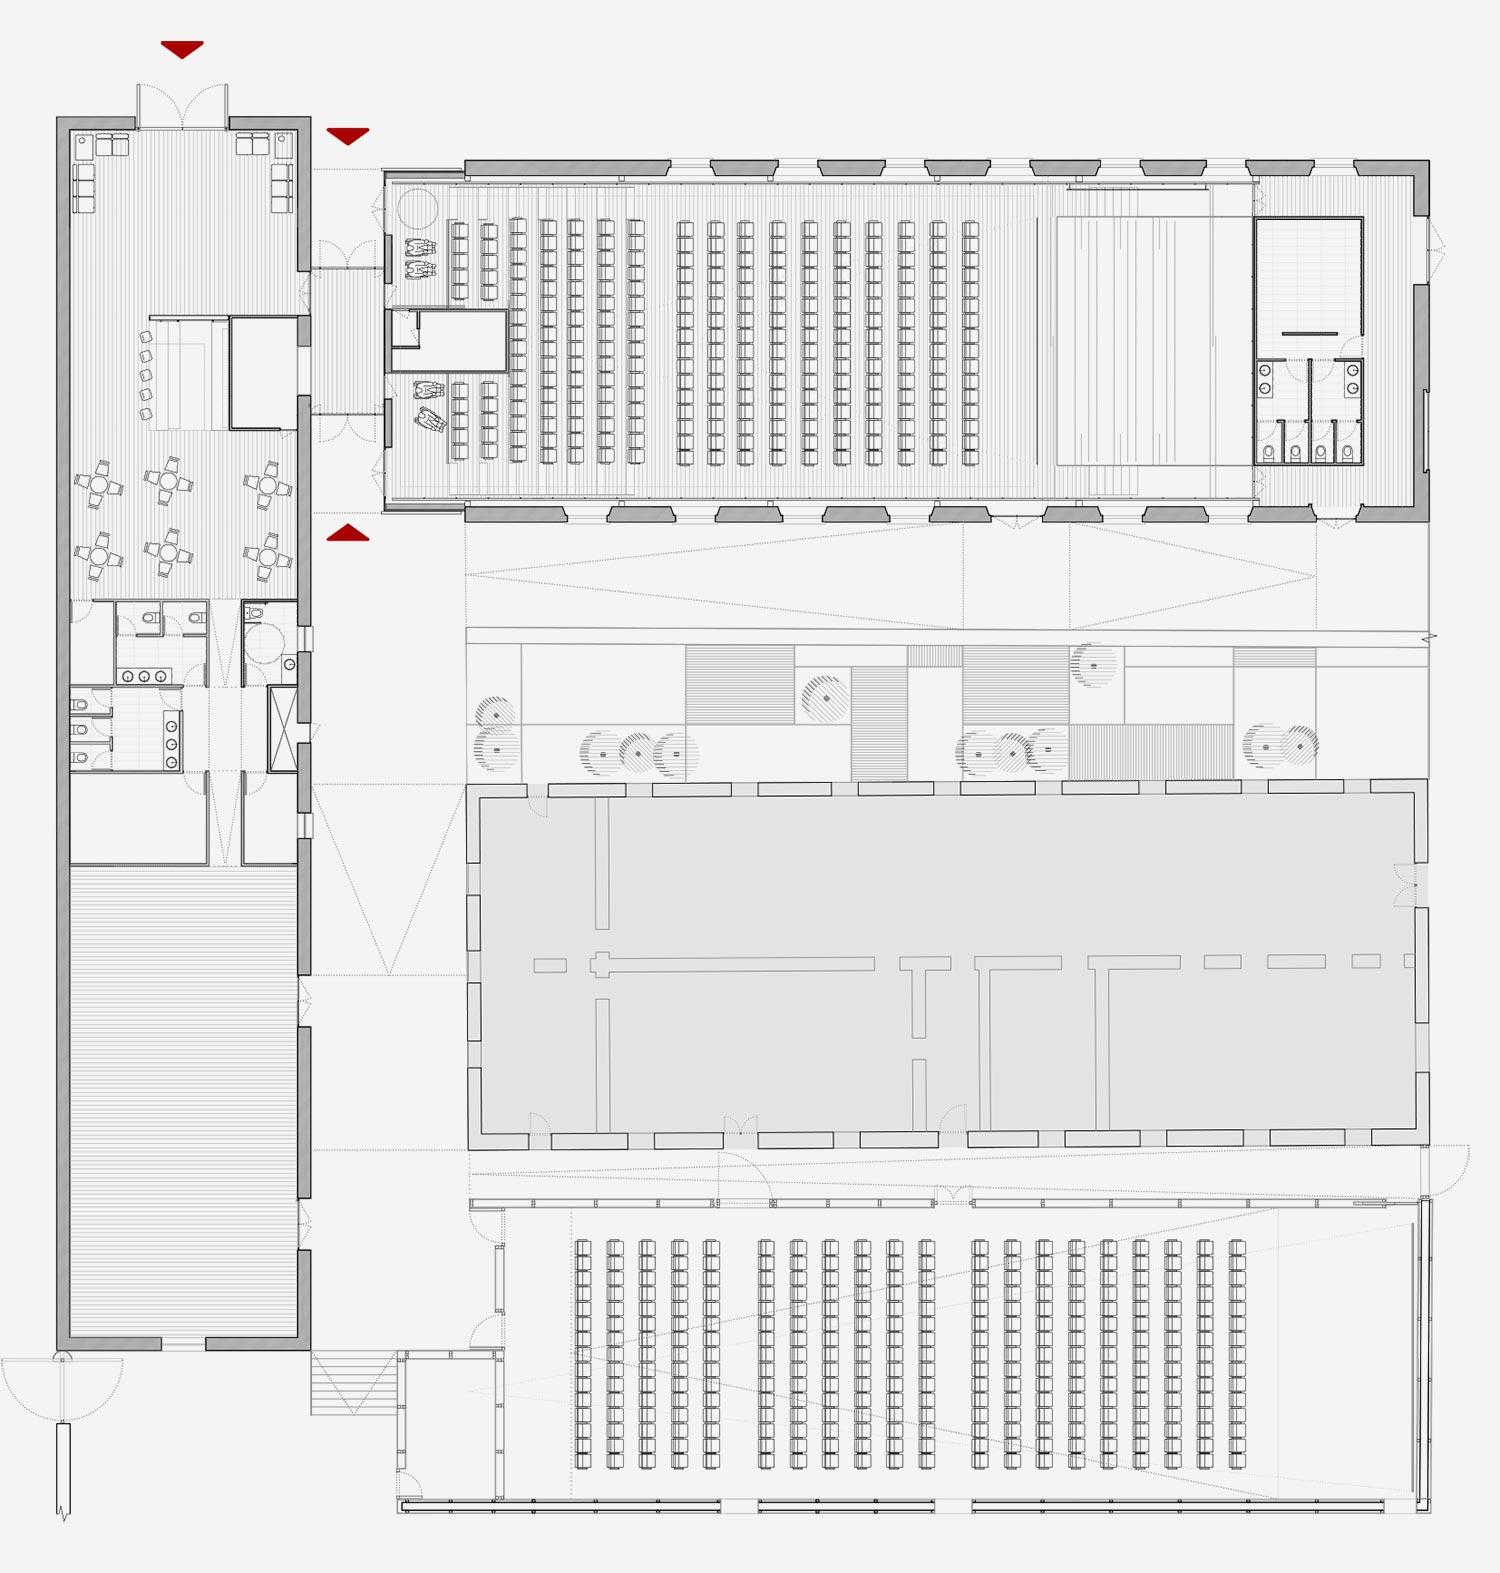 Cineteatro_Montiggia_plan